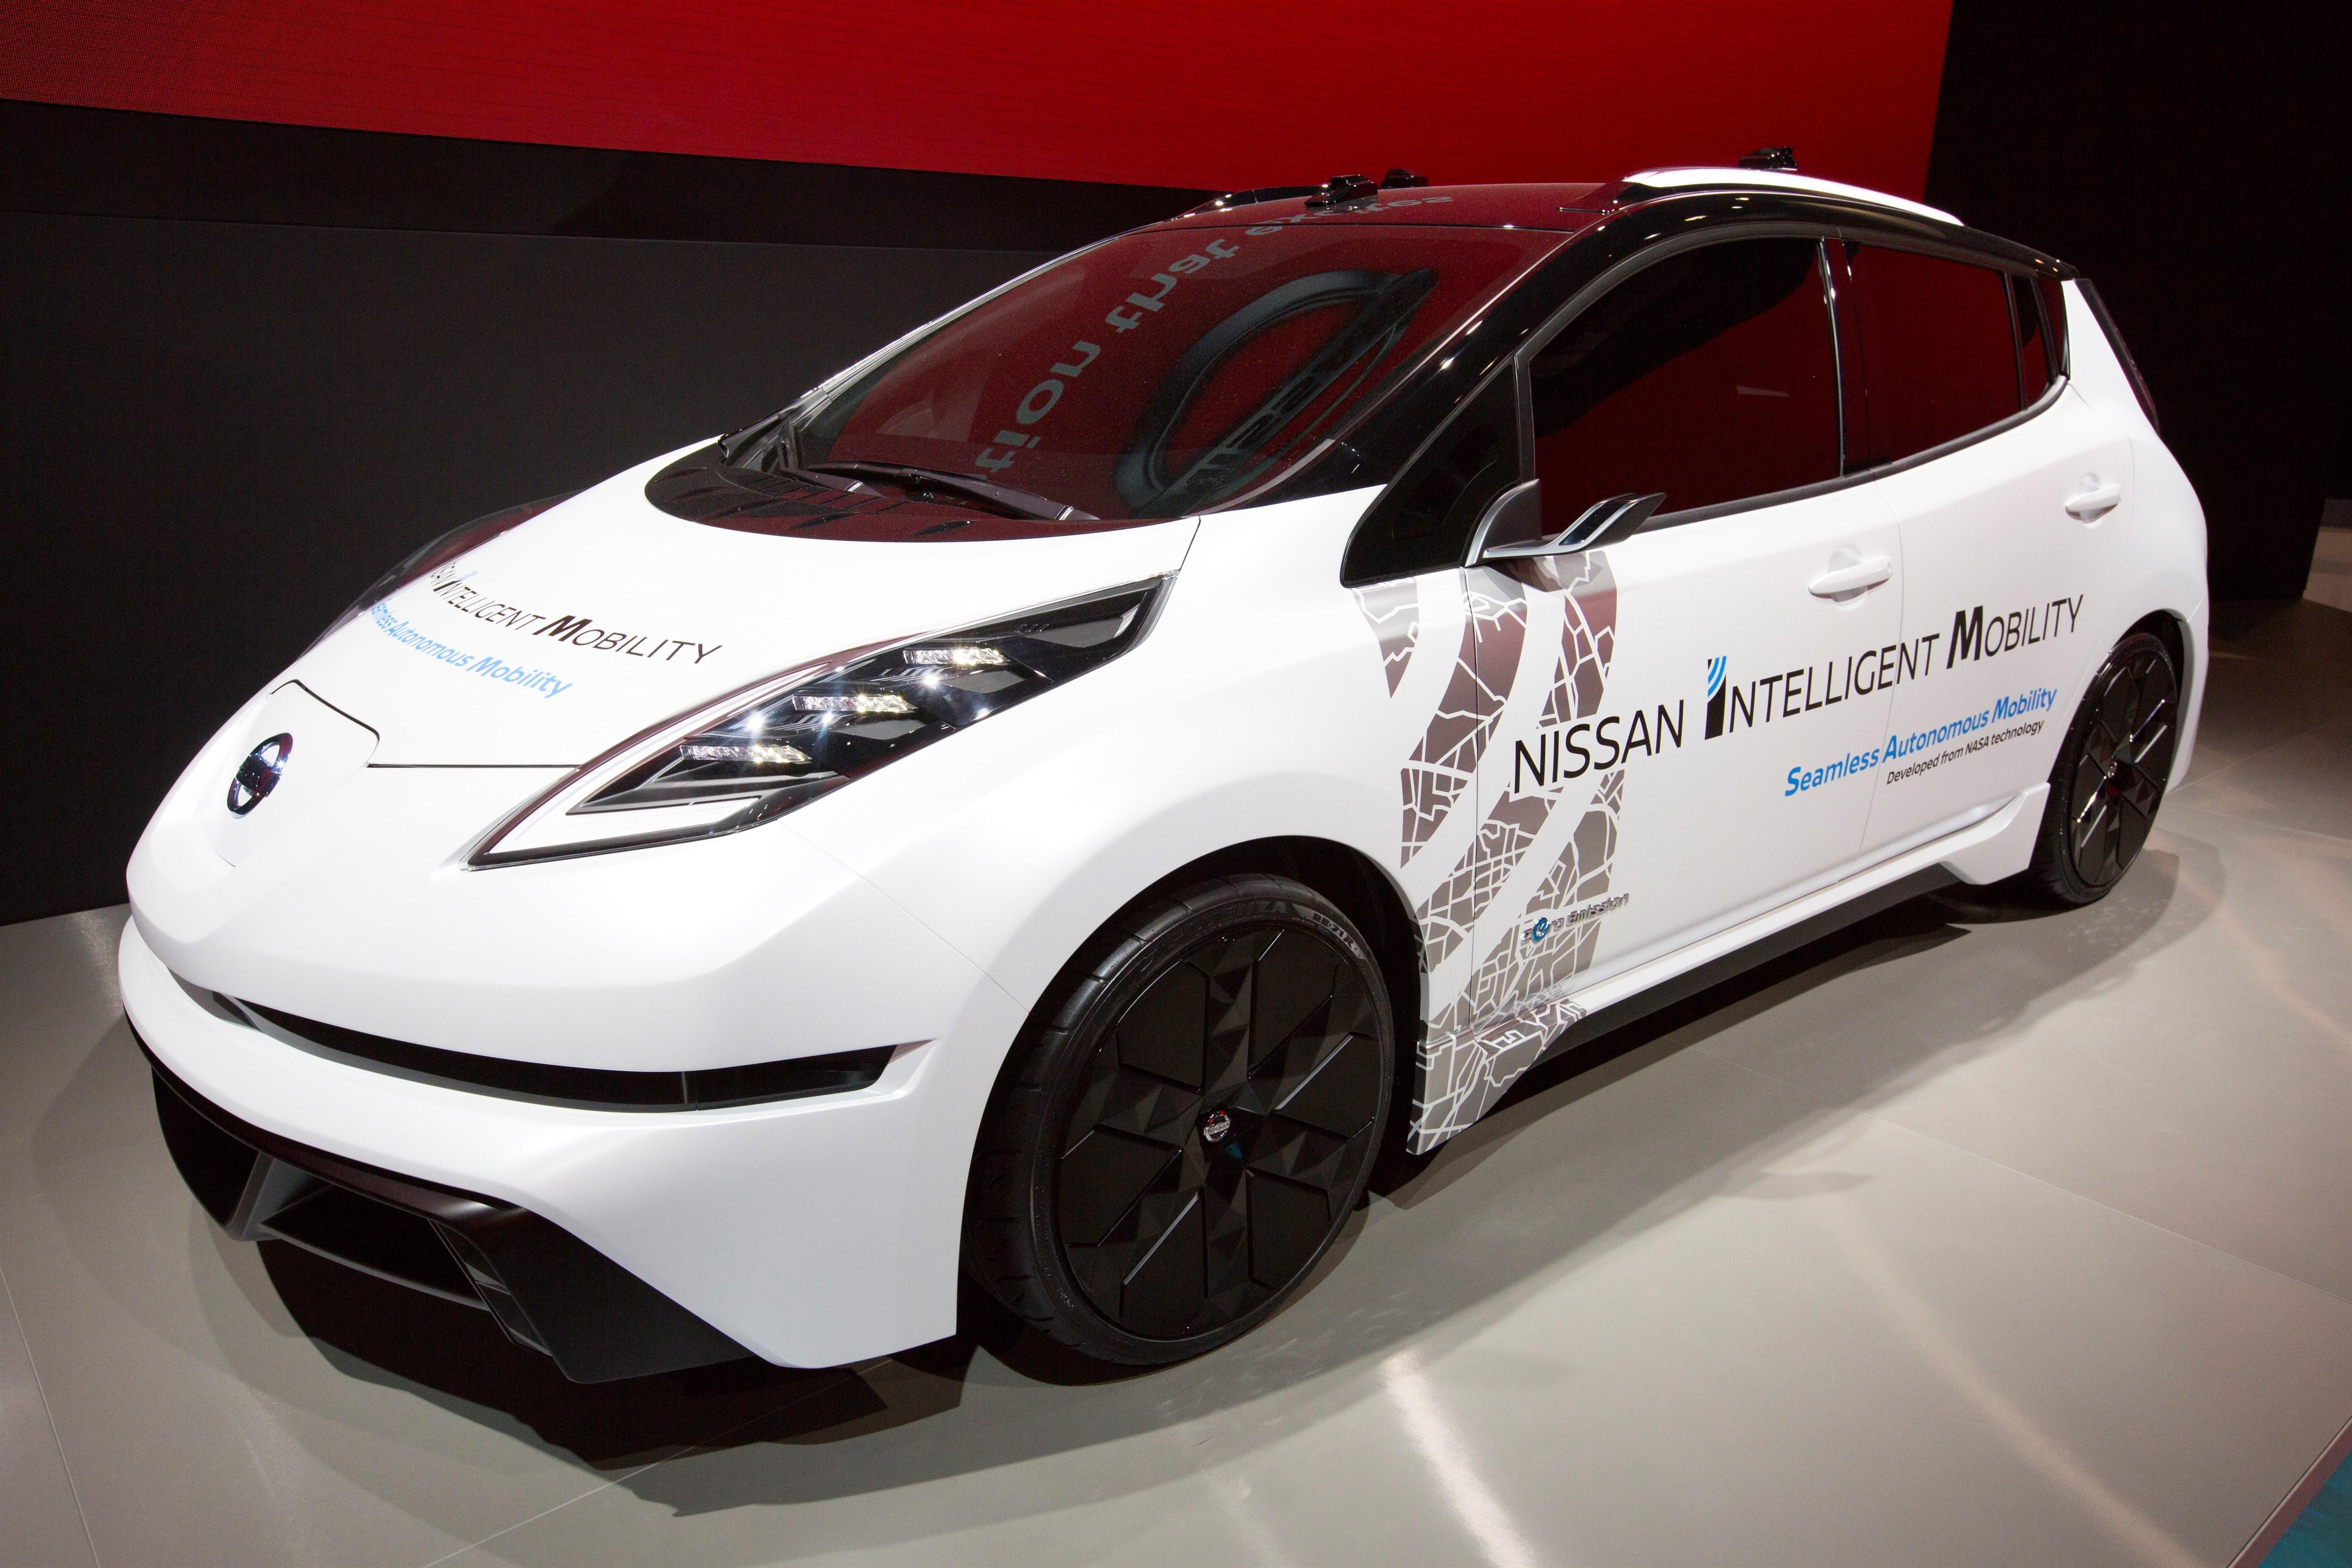 Nissan announces on-road autonomous vehicle tests in London